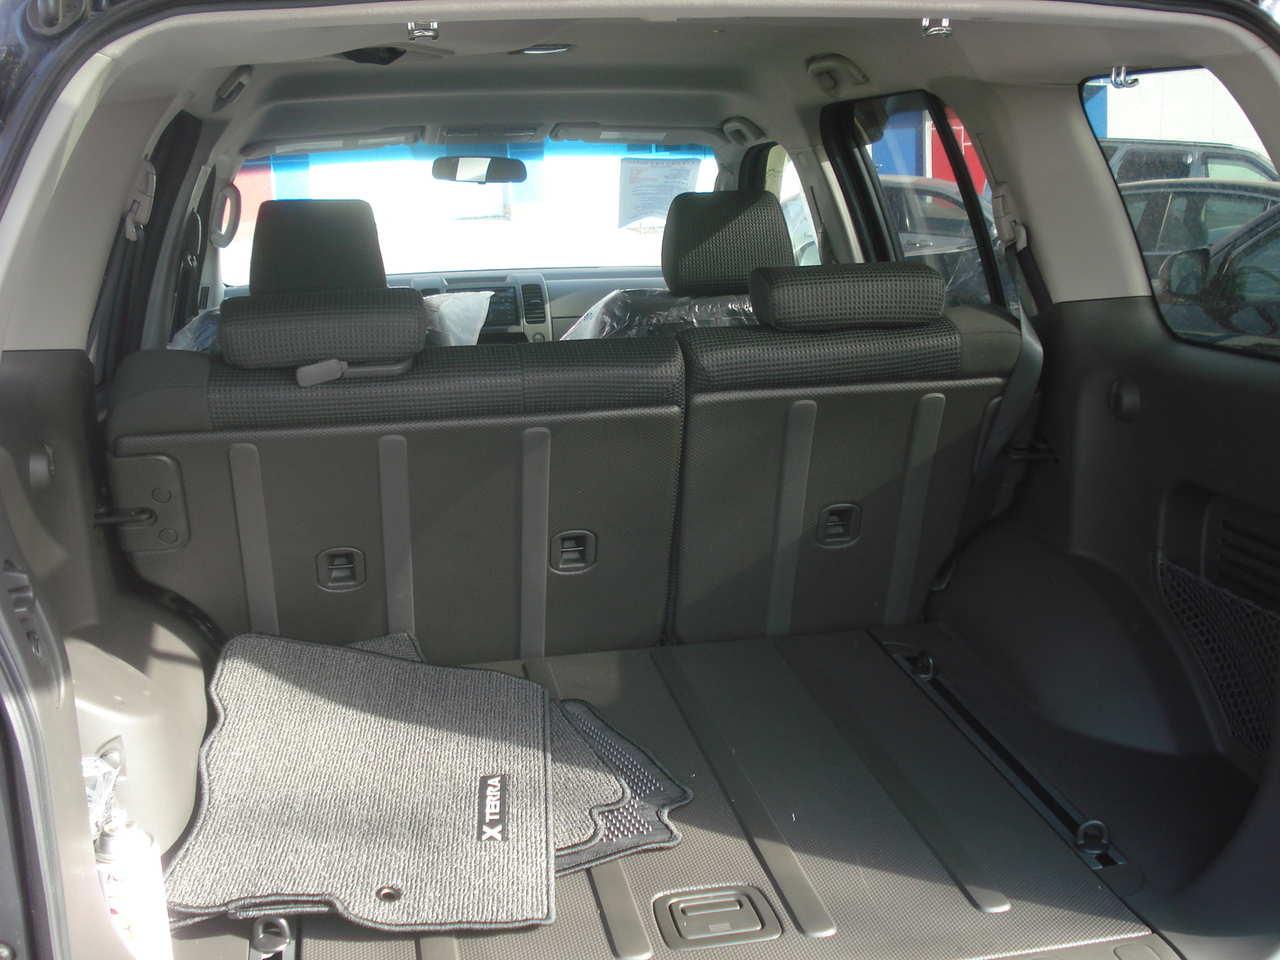 2008 Nissan Xterra Photos 4 0 Gasoline Automatic For Sale